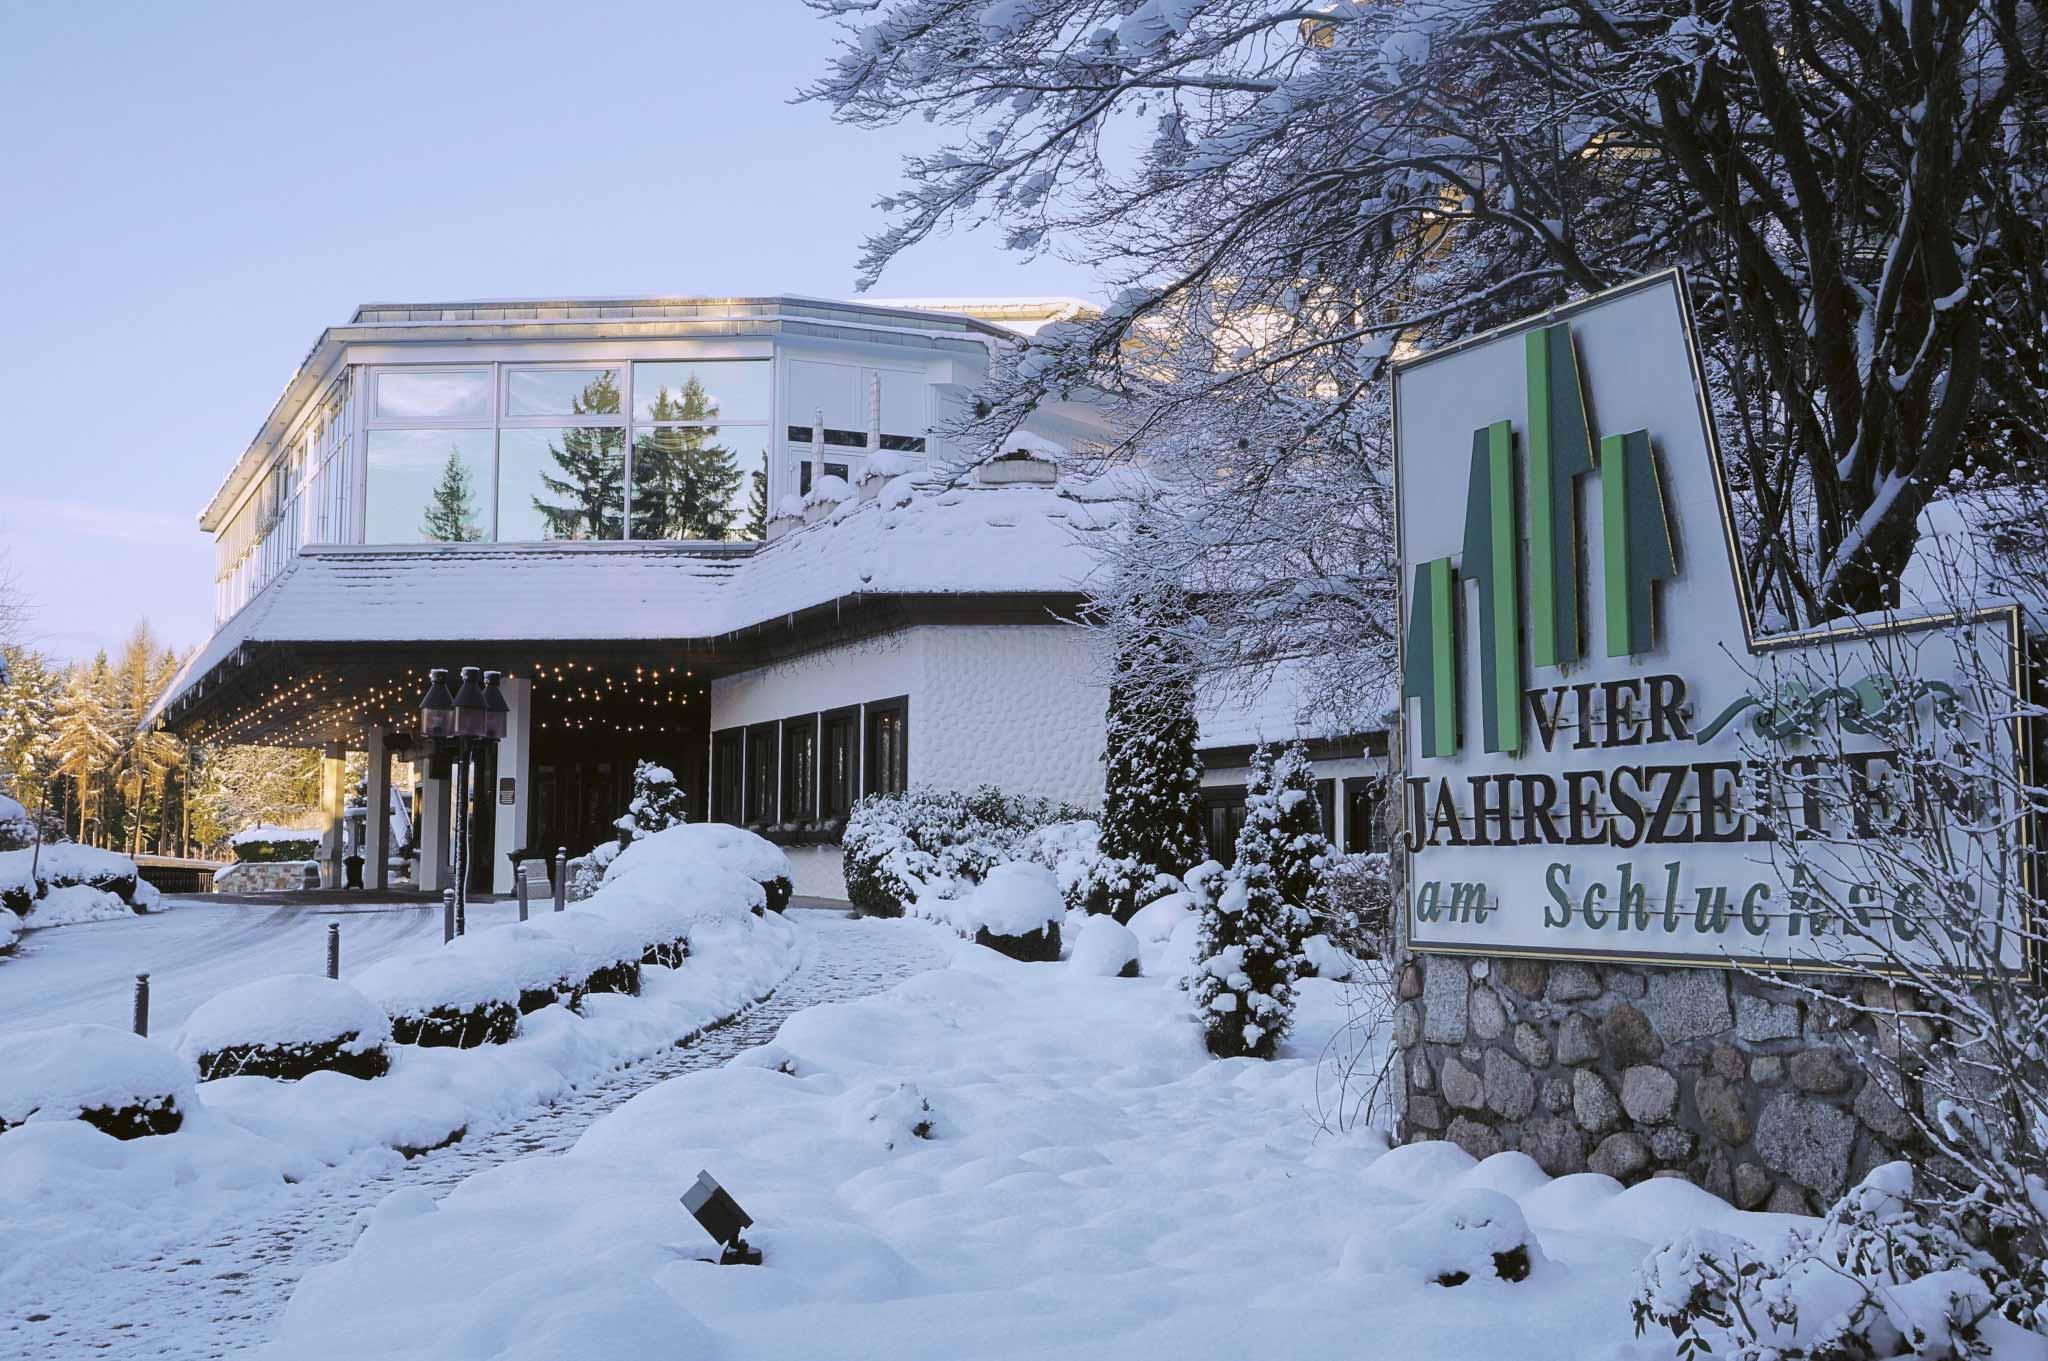 Eingang des Vier Jahreszeiten im Schnee